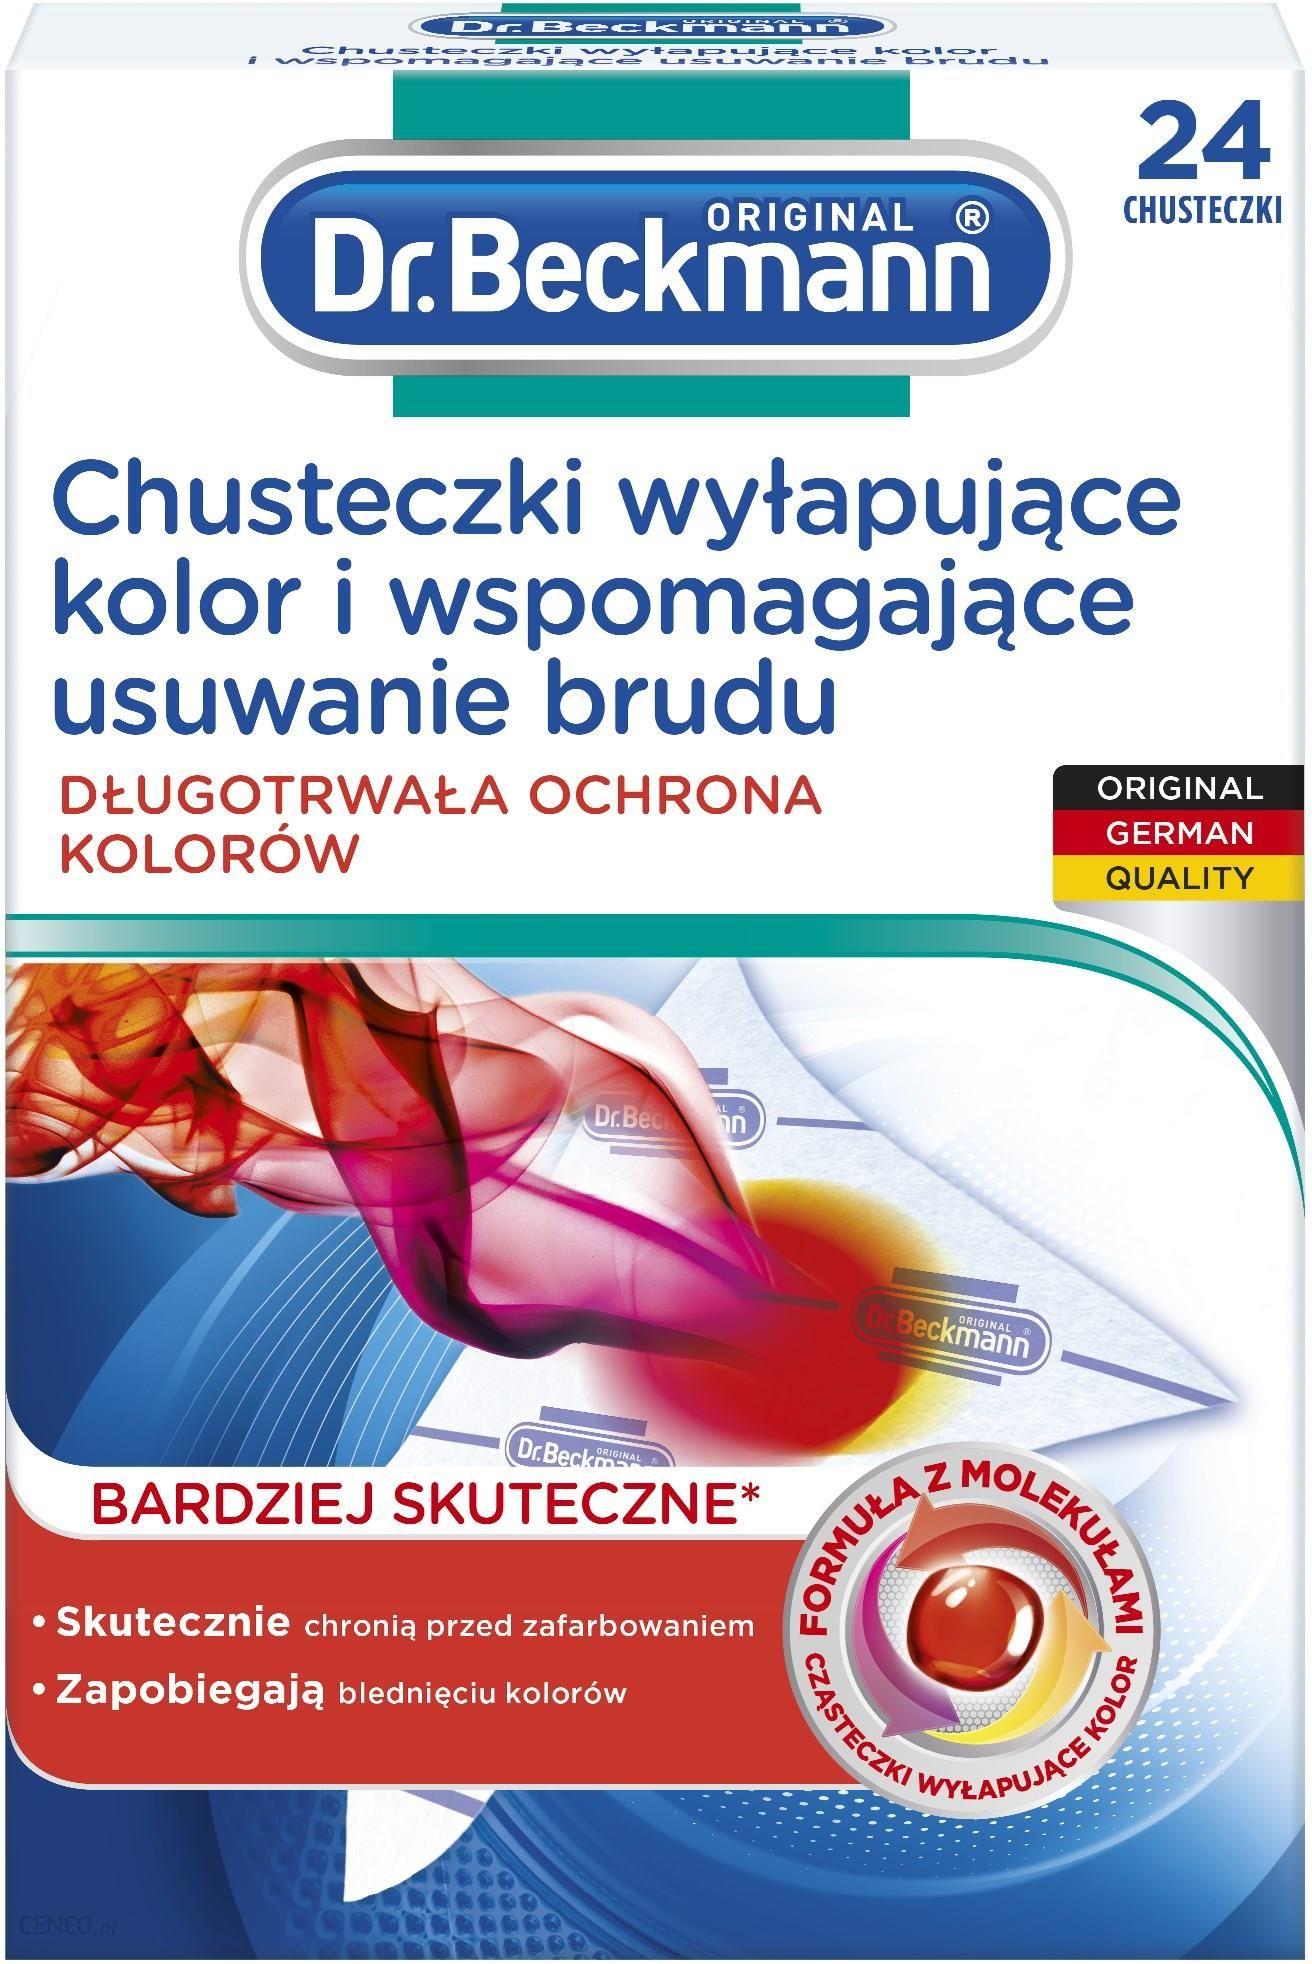 Dr Beckmann Chusteczki Wylapujace Kolor I Wspomagajace Usuwanie Brudu 24 Szt Opinie I Atrakcyjne Ceny Na Ceneo Pl